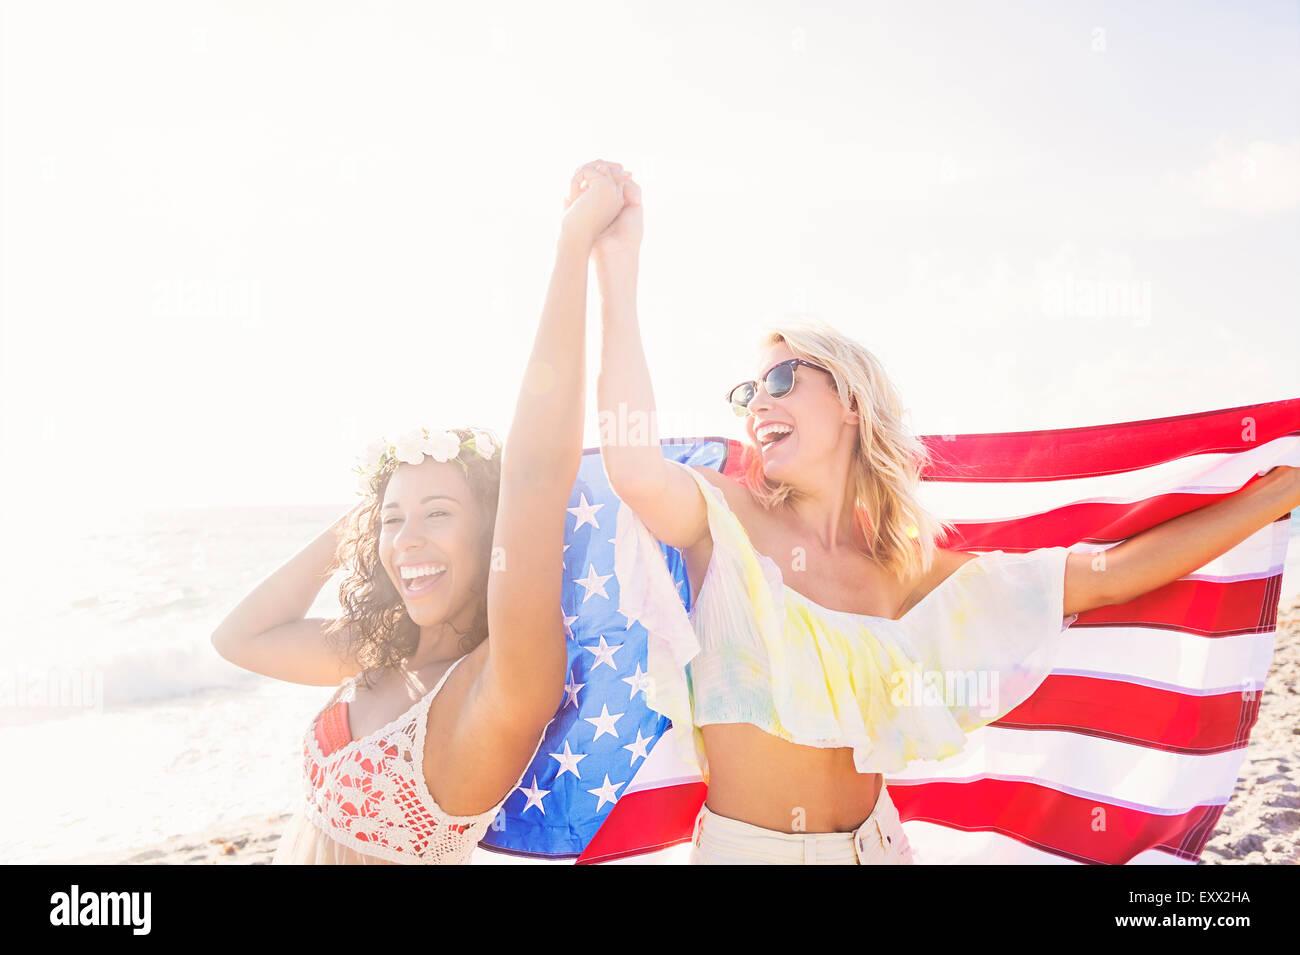 Les amis de plage avec drapeau Américain Photo Stock